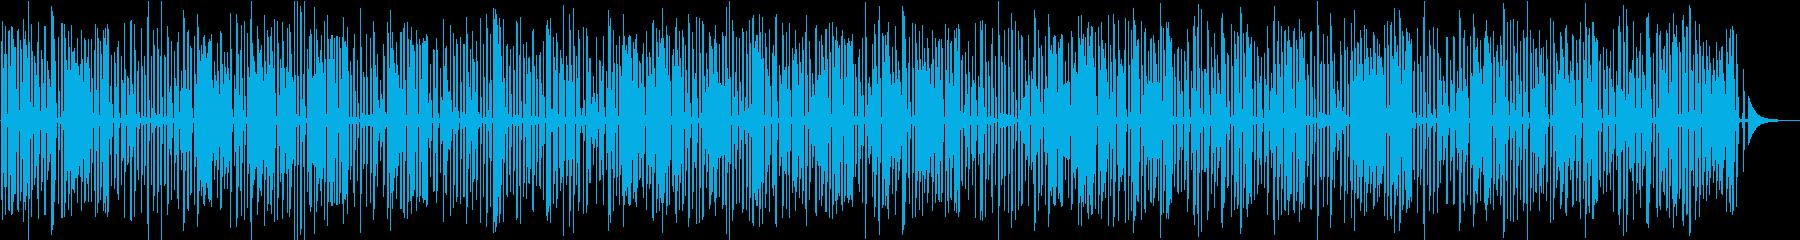 軽快な映像やCMに合うソロジャズピアノの再生済みの波形